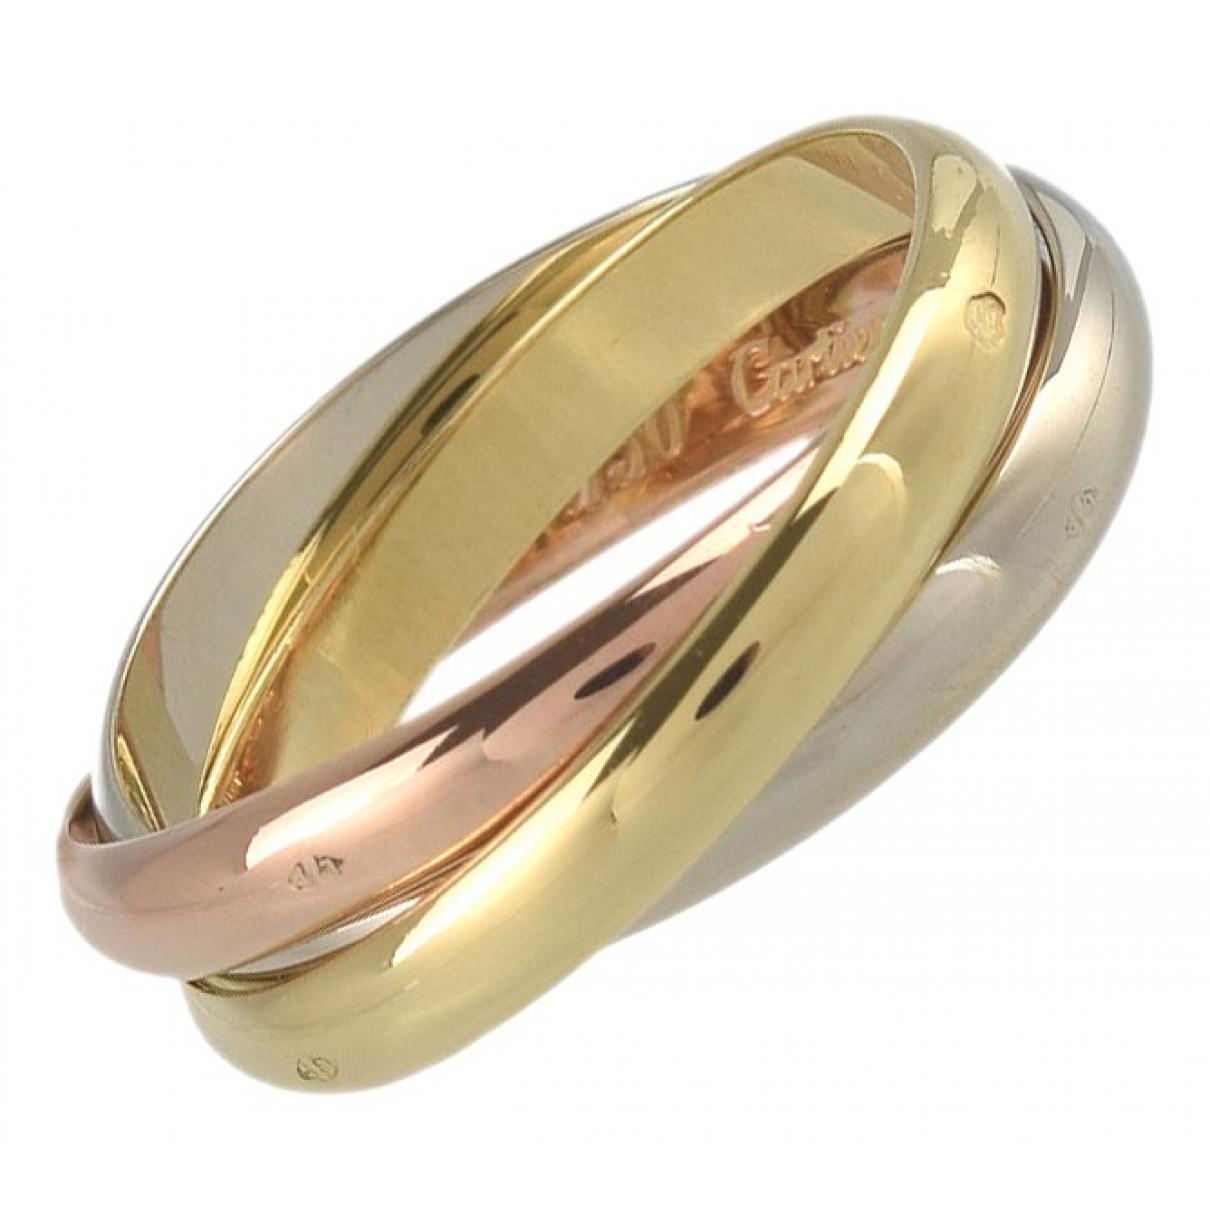 Cartier Trinity Ring in  Gold Vergoldet